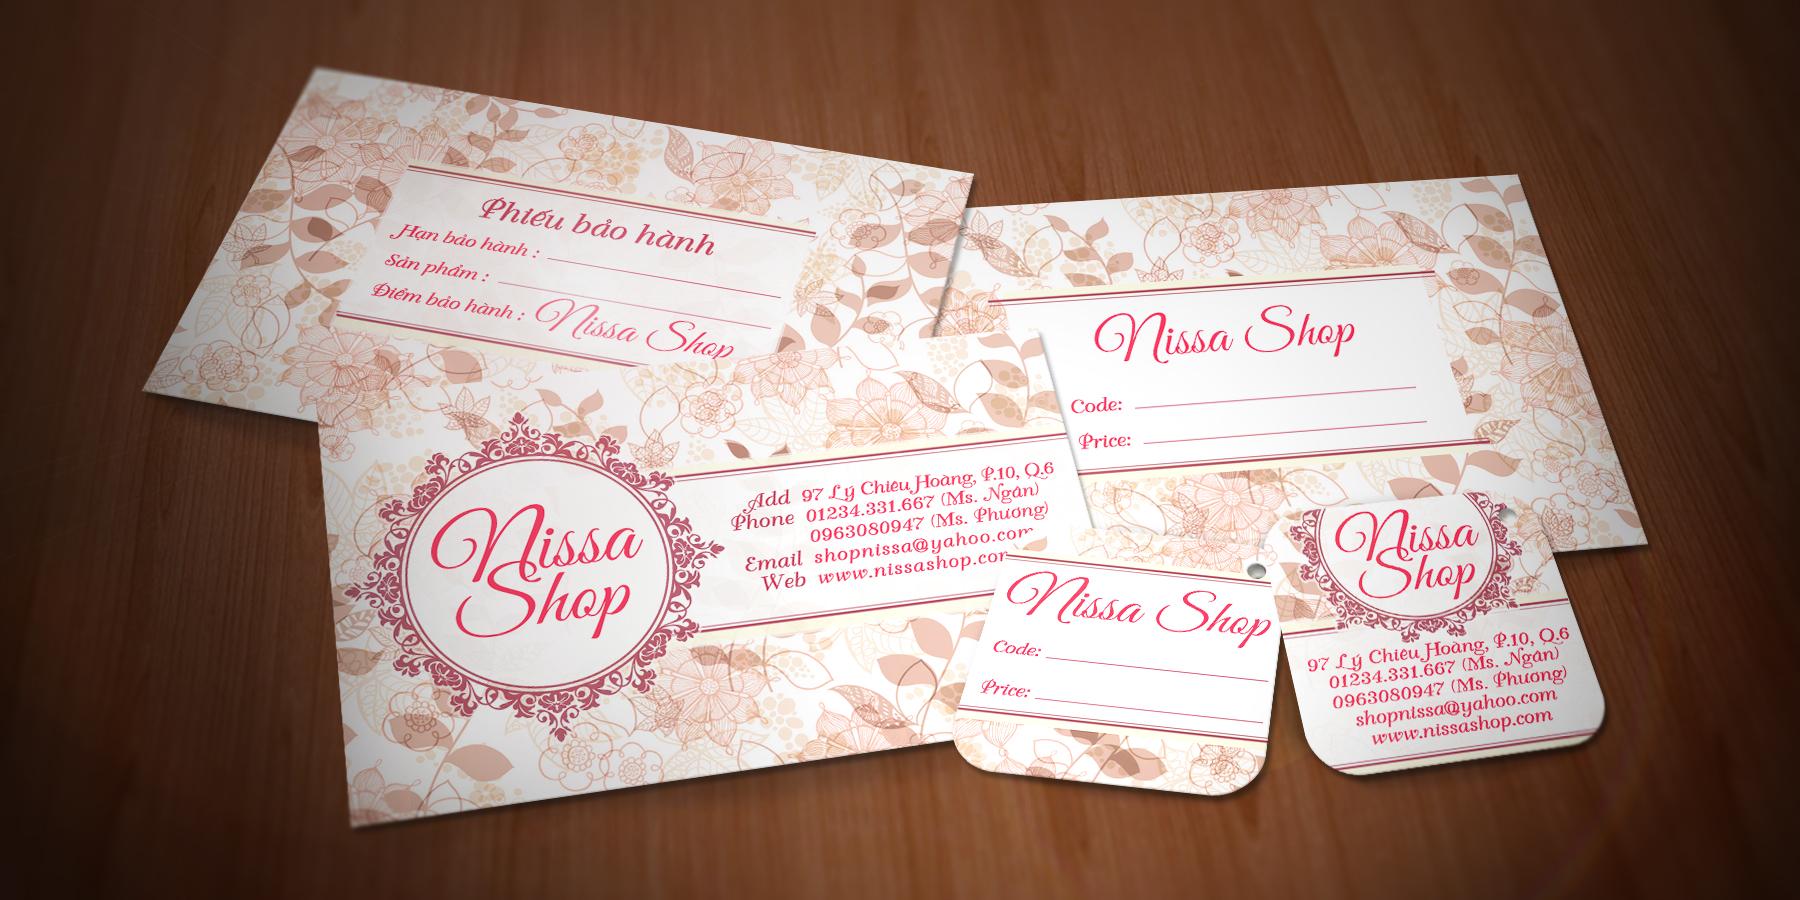 Nissa Shop - Danh thiếp, Mác quần áo